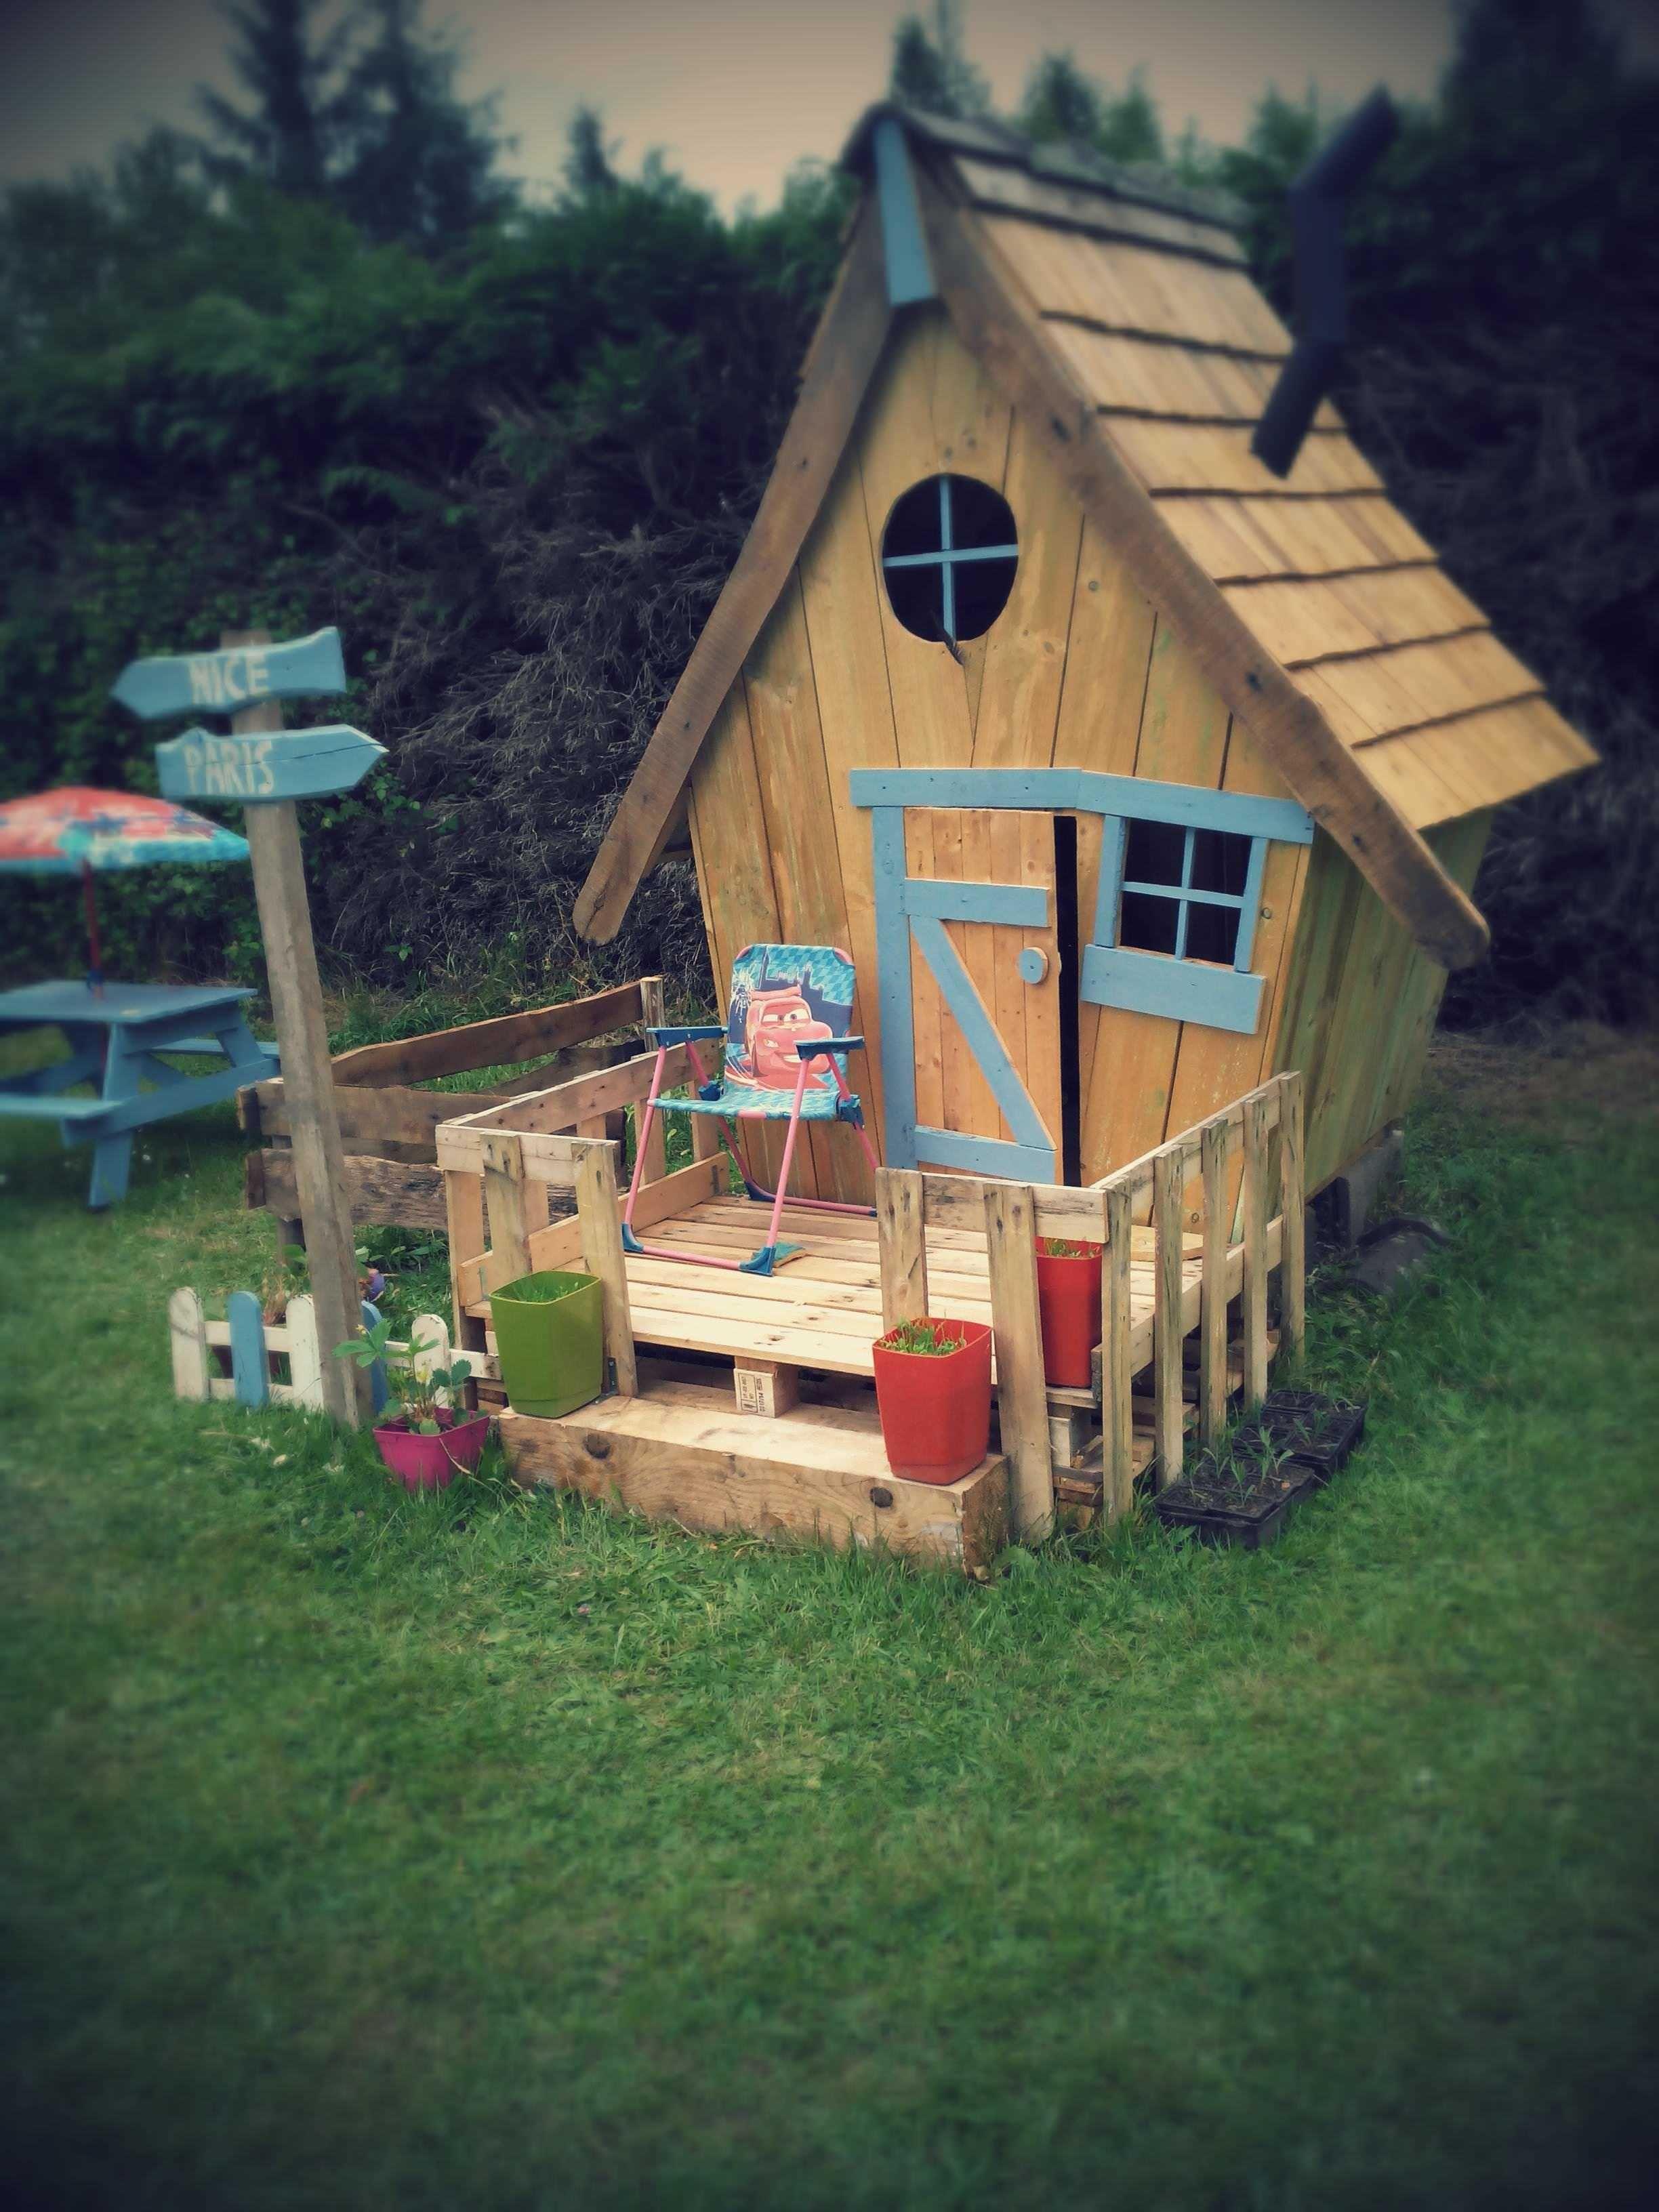 Cabane Enfants Facon Tim Burton Fairy Tale Kids Pallet Hut From 11 Pallets 1001 Pallets Kinderspielhaus Kinder Garten Spielhaus Garten